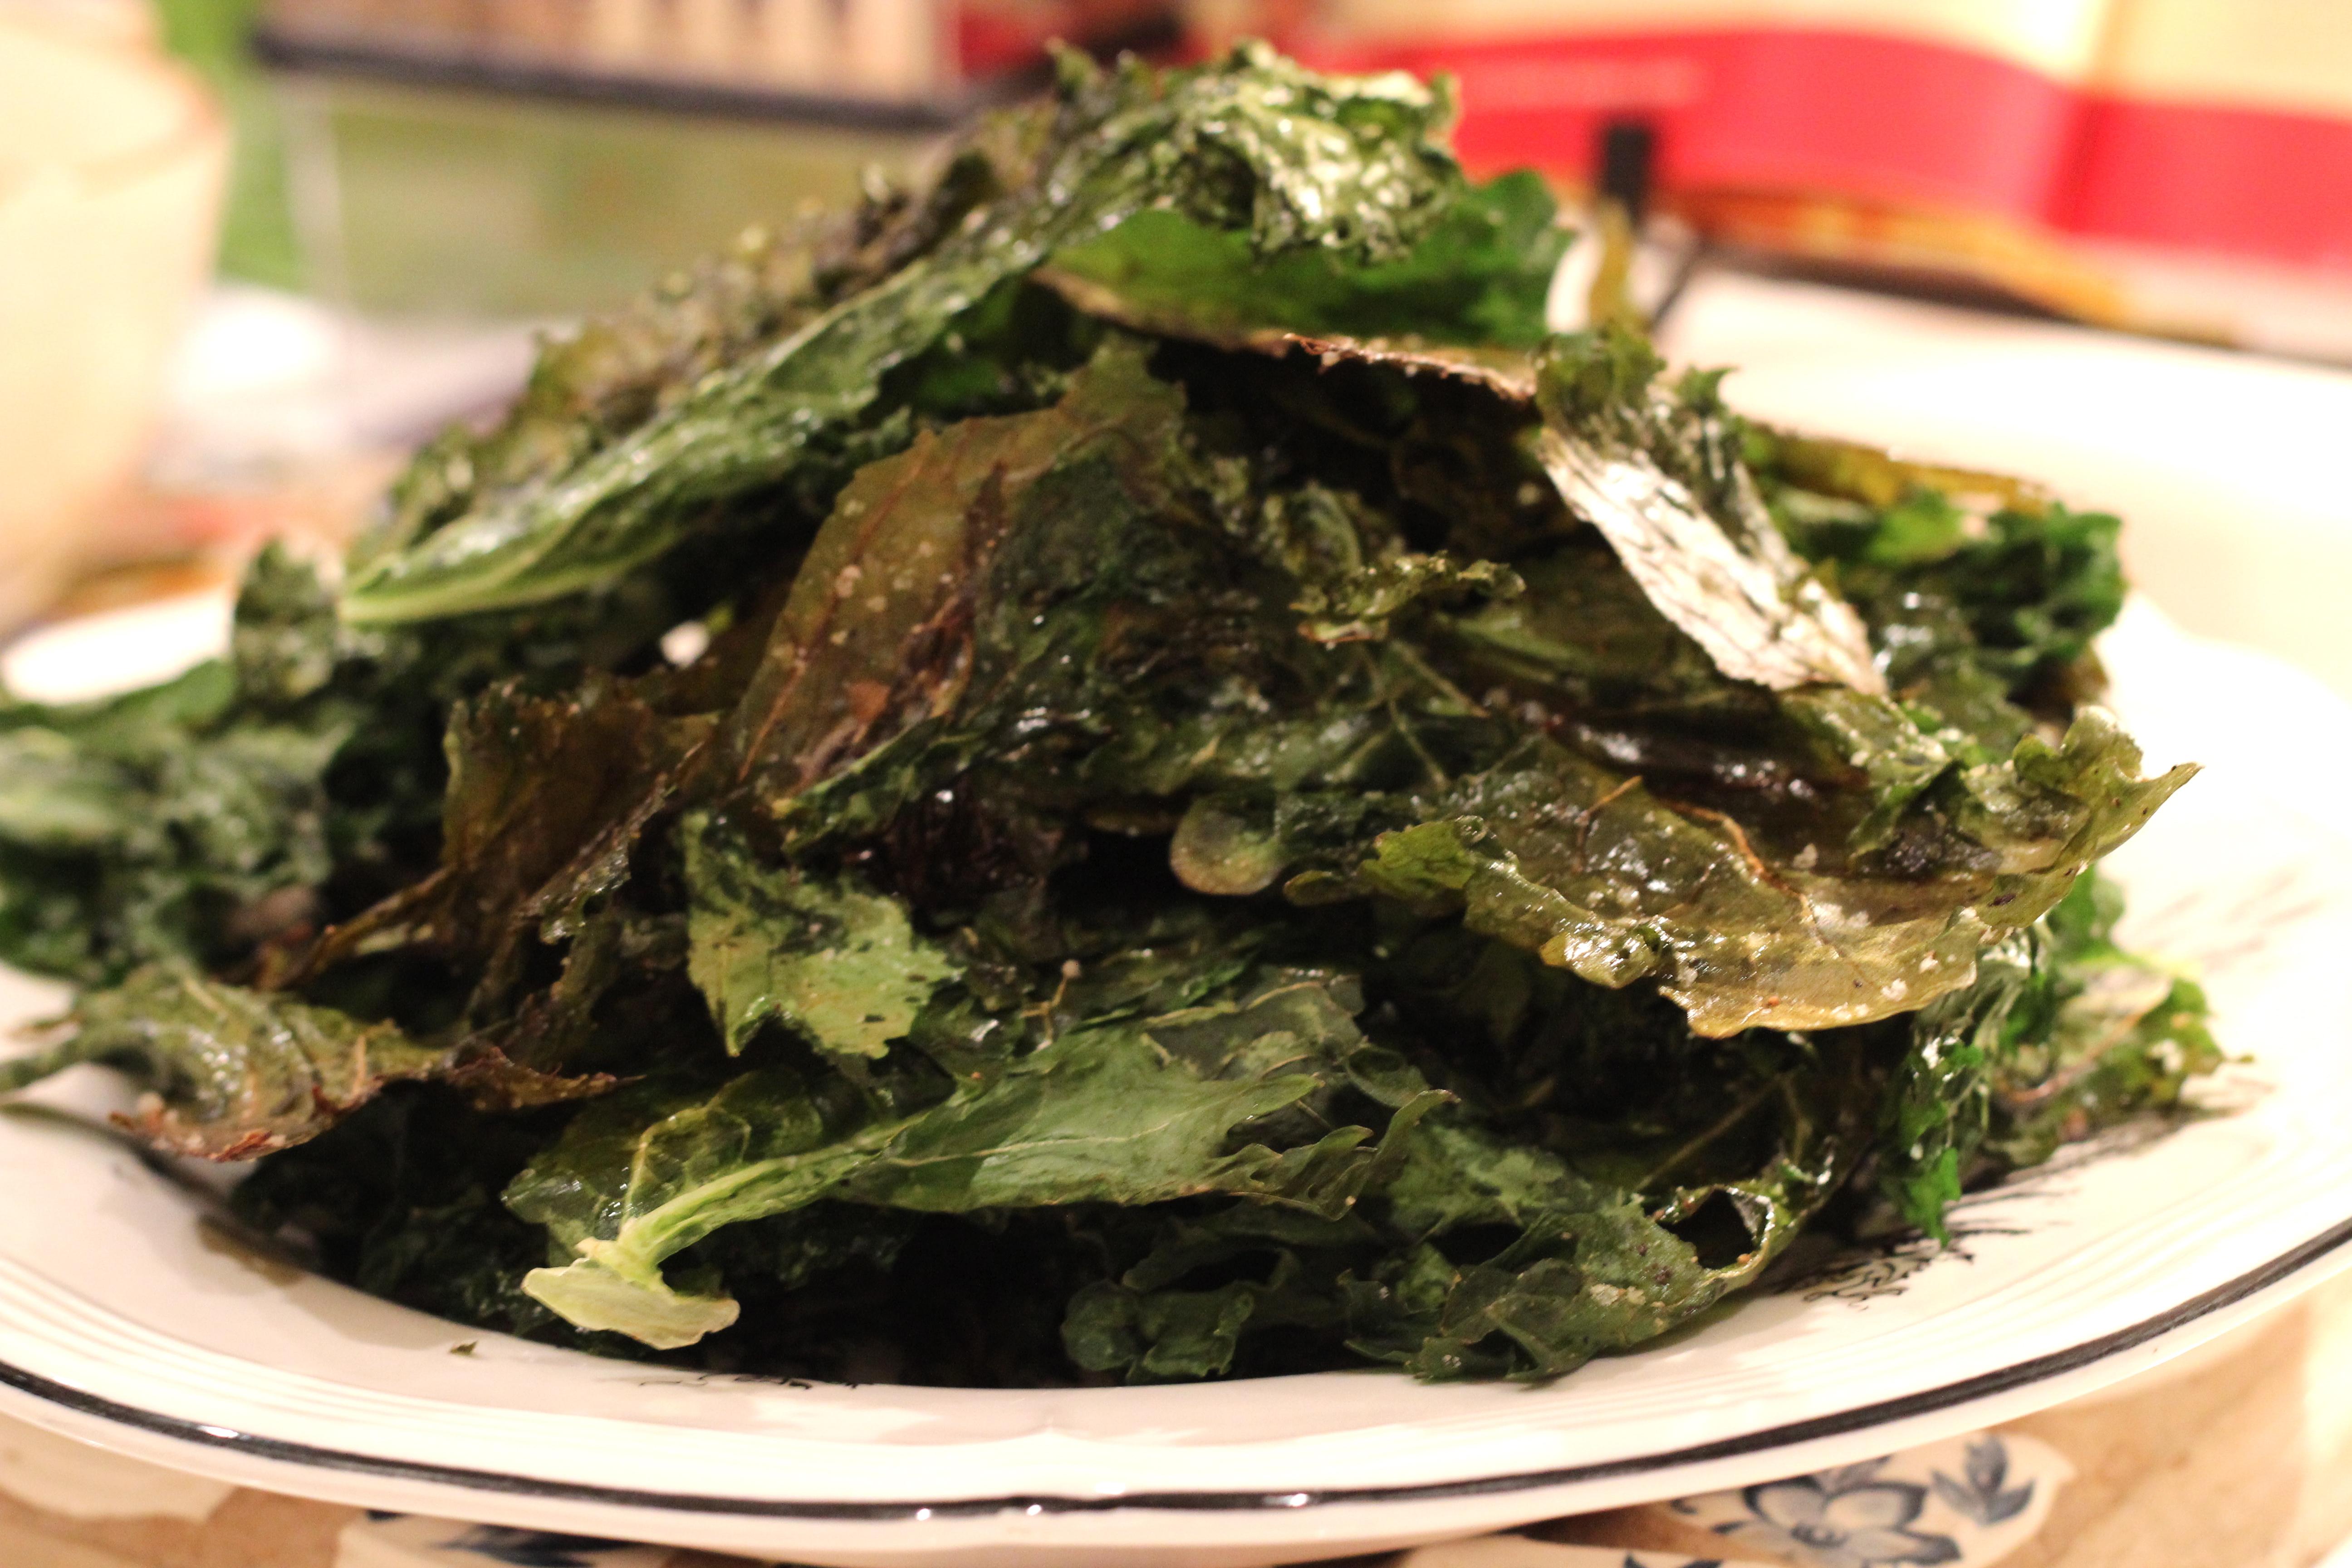 kale chips sesame salt kale chips roasted kale chips with sea salt and